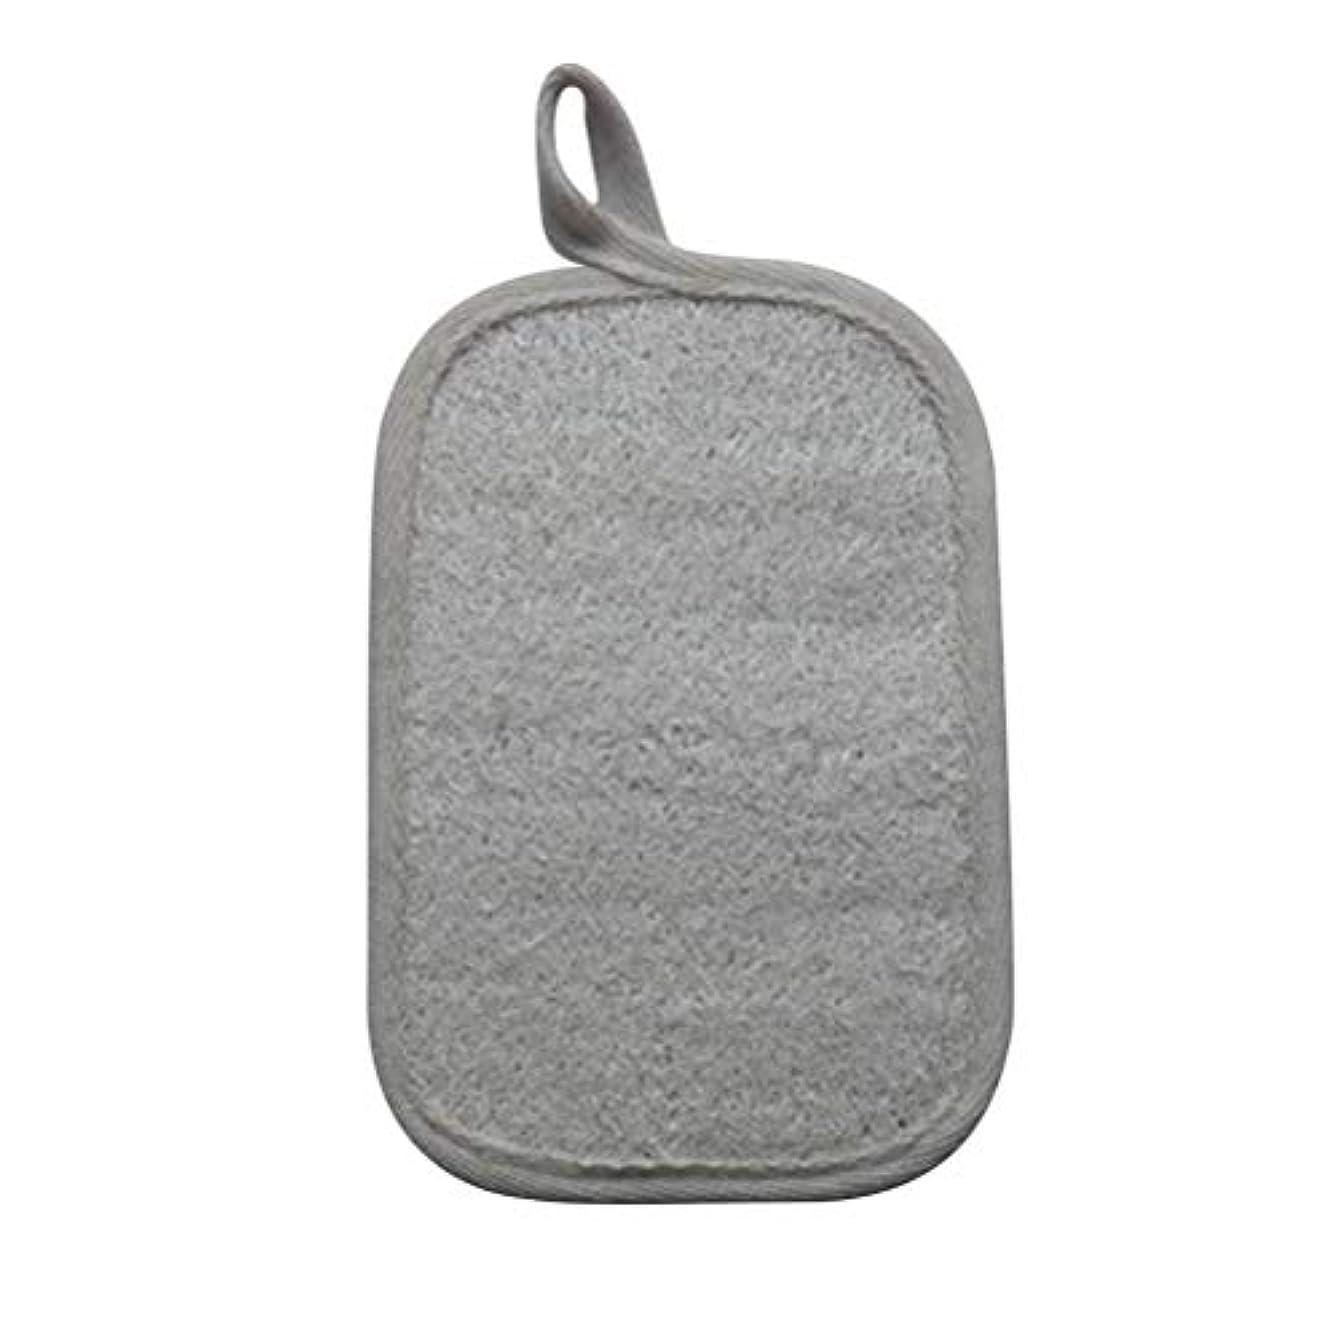 スカープ版印象的なHEALIFTY シャワーのための自然なLoofahのスポンジパッドの風呂の剥離Loofahのスポンジのスクラバー